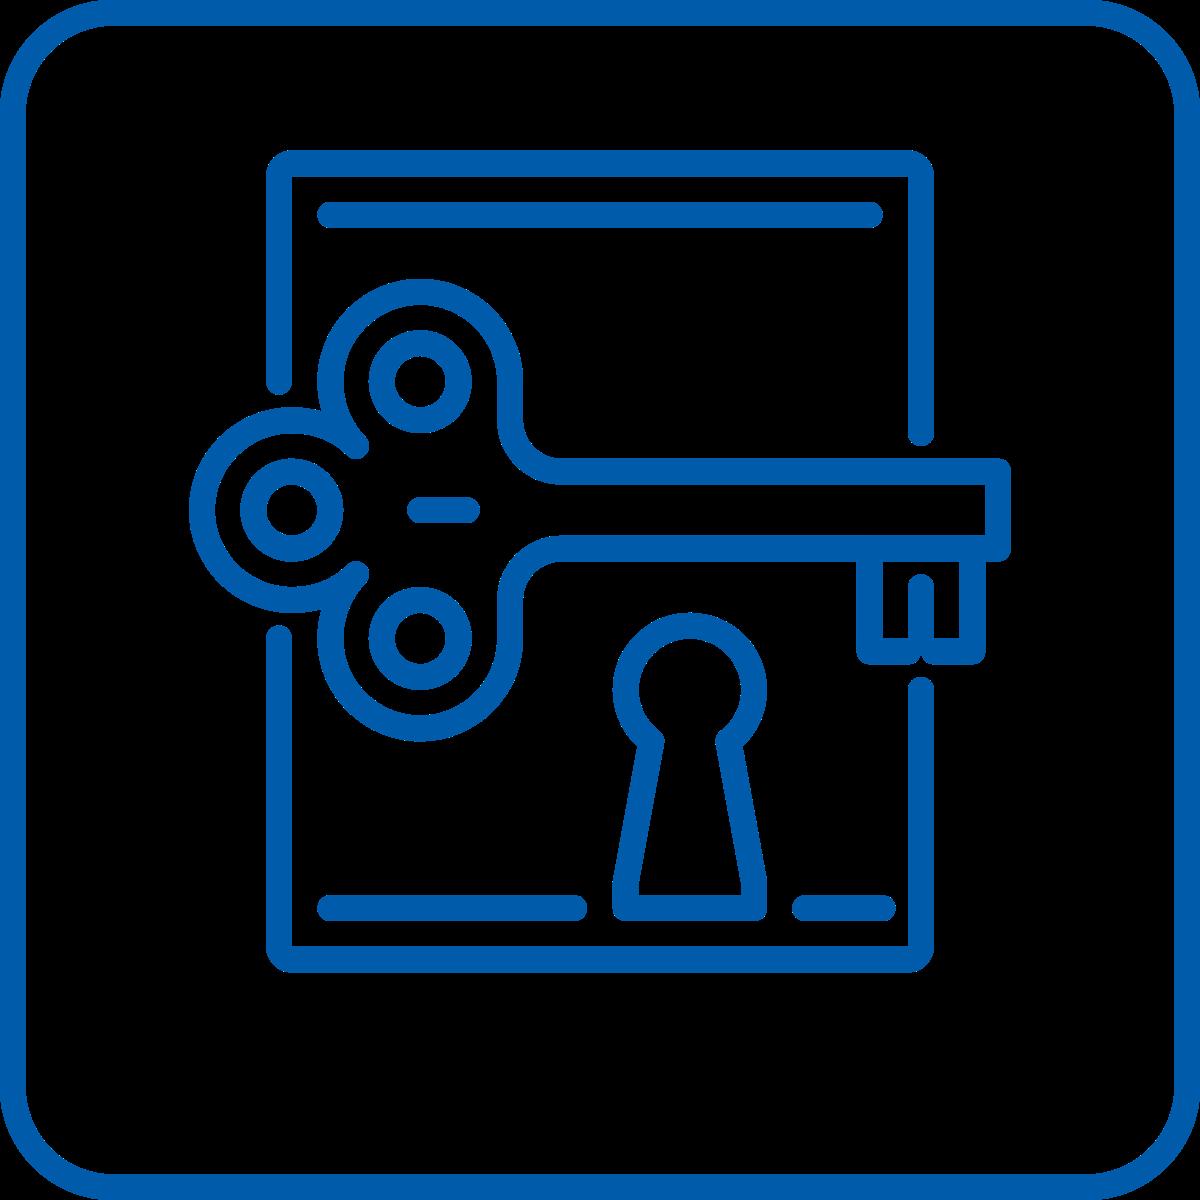 12项安全措施,提升企业信息安全等级